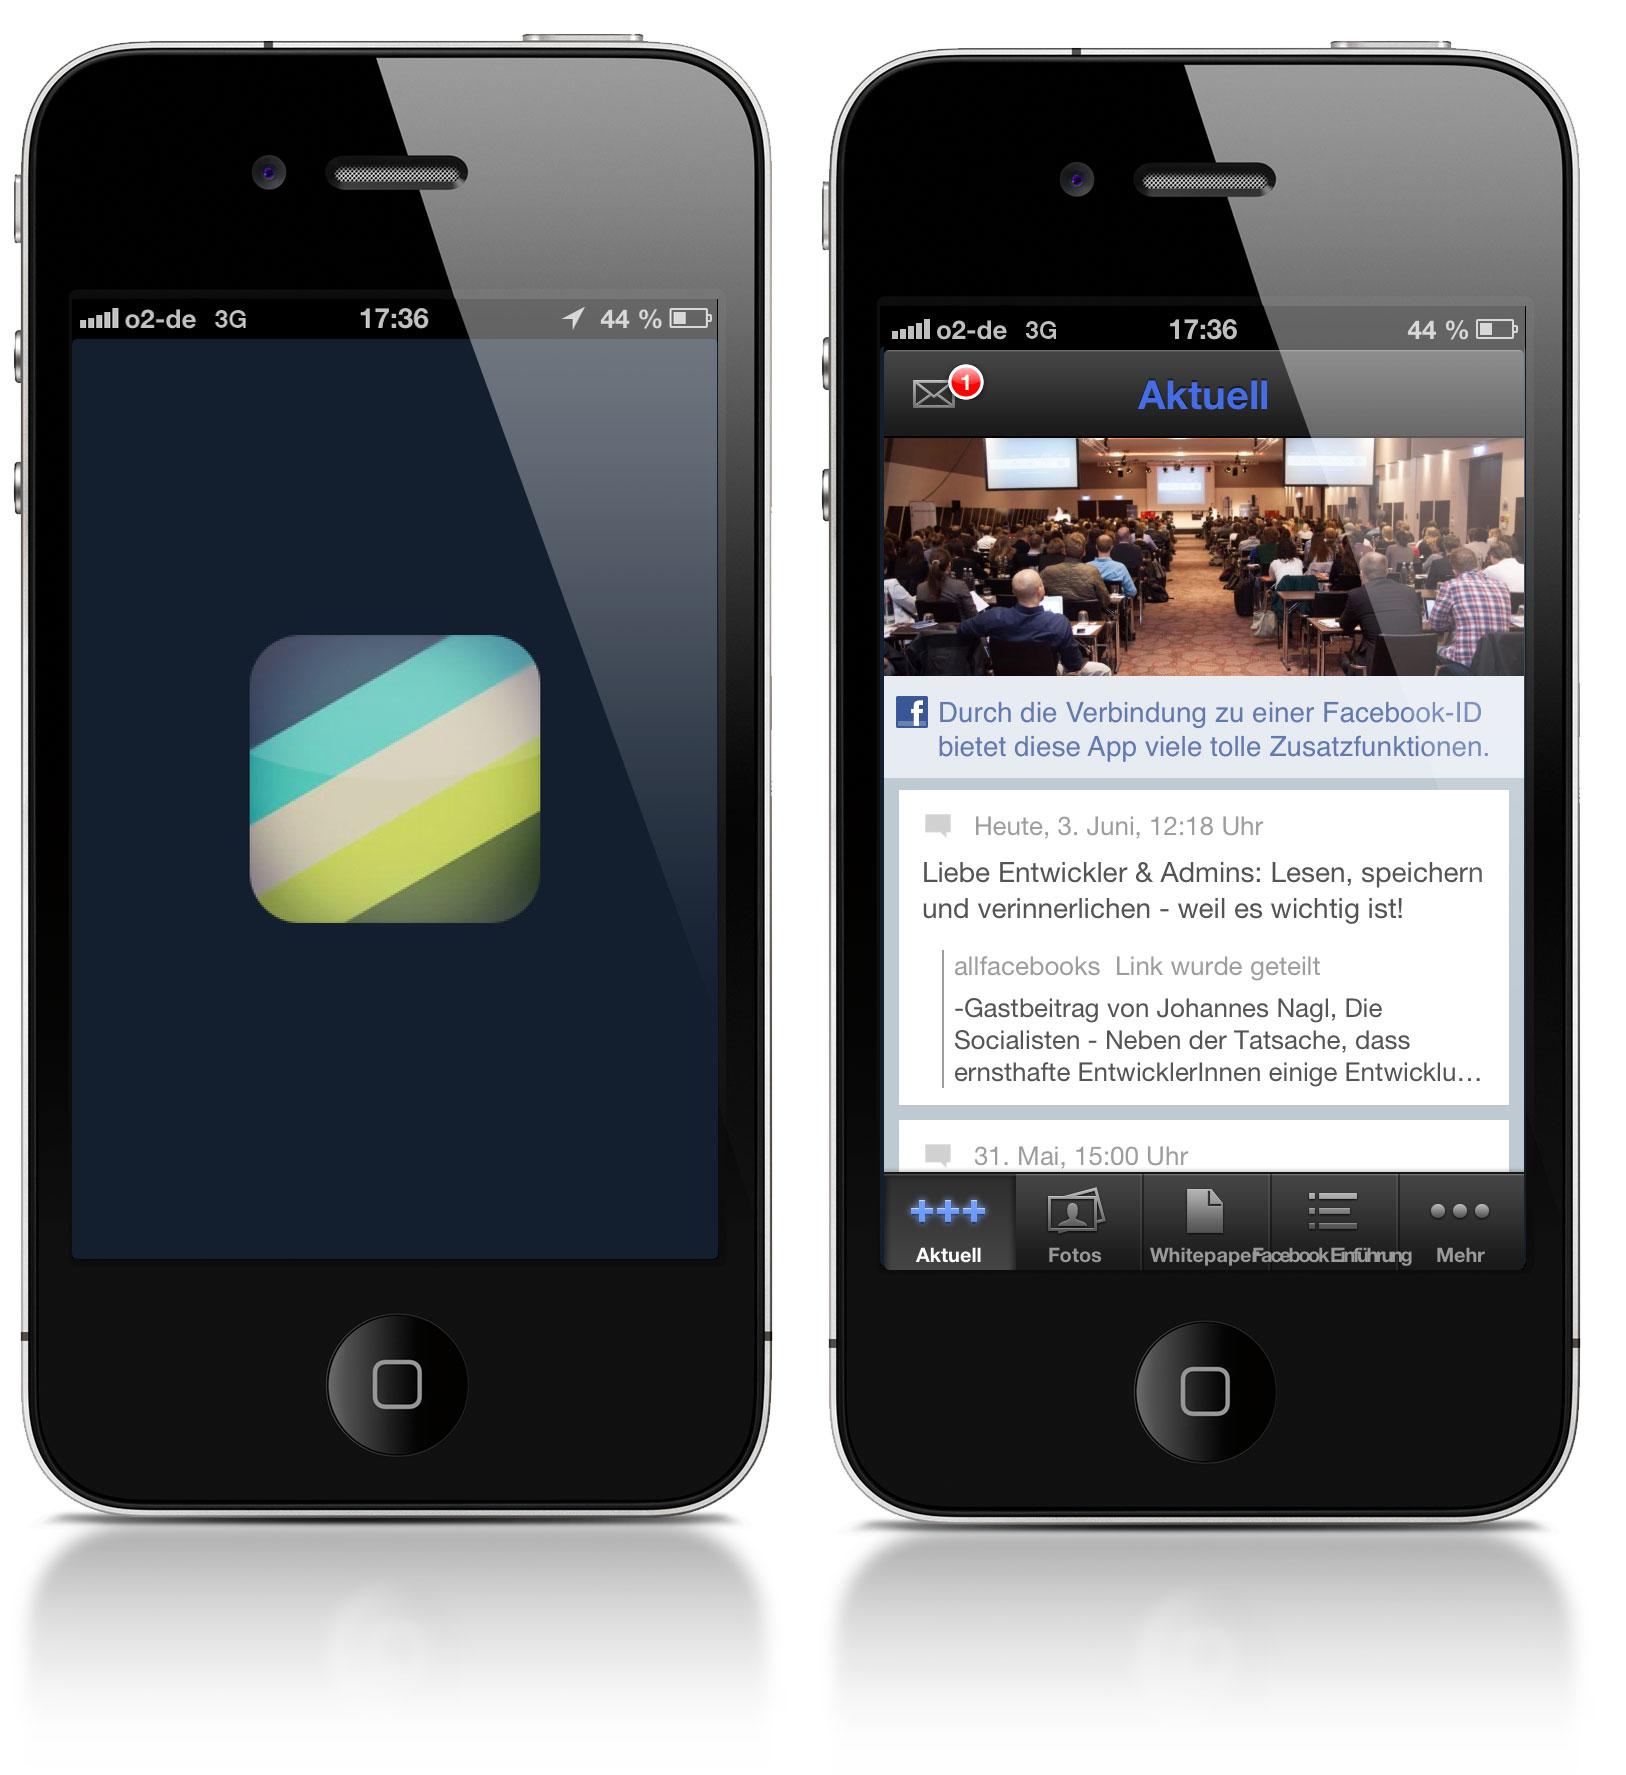 Jetzt testen: AllFacebook.de Mobile App – So wird aus der Facebook Page eine mobile App